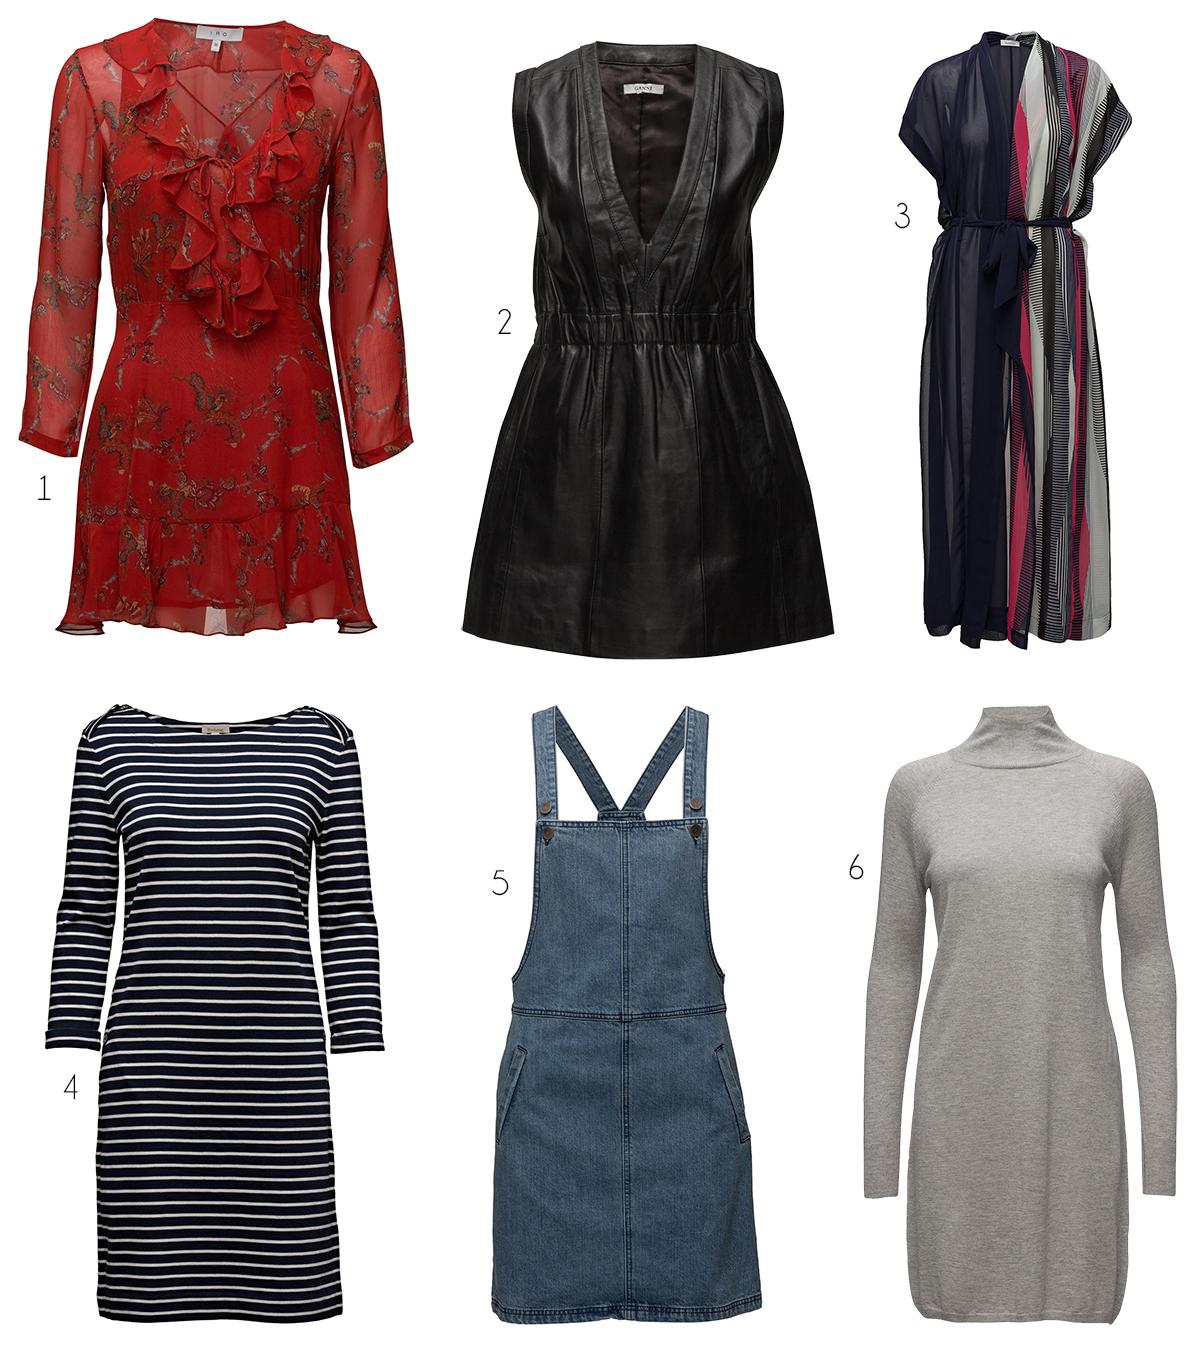 vårklänningar med rabatt